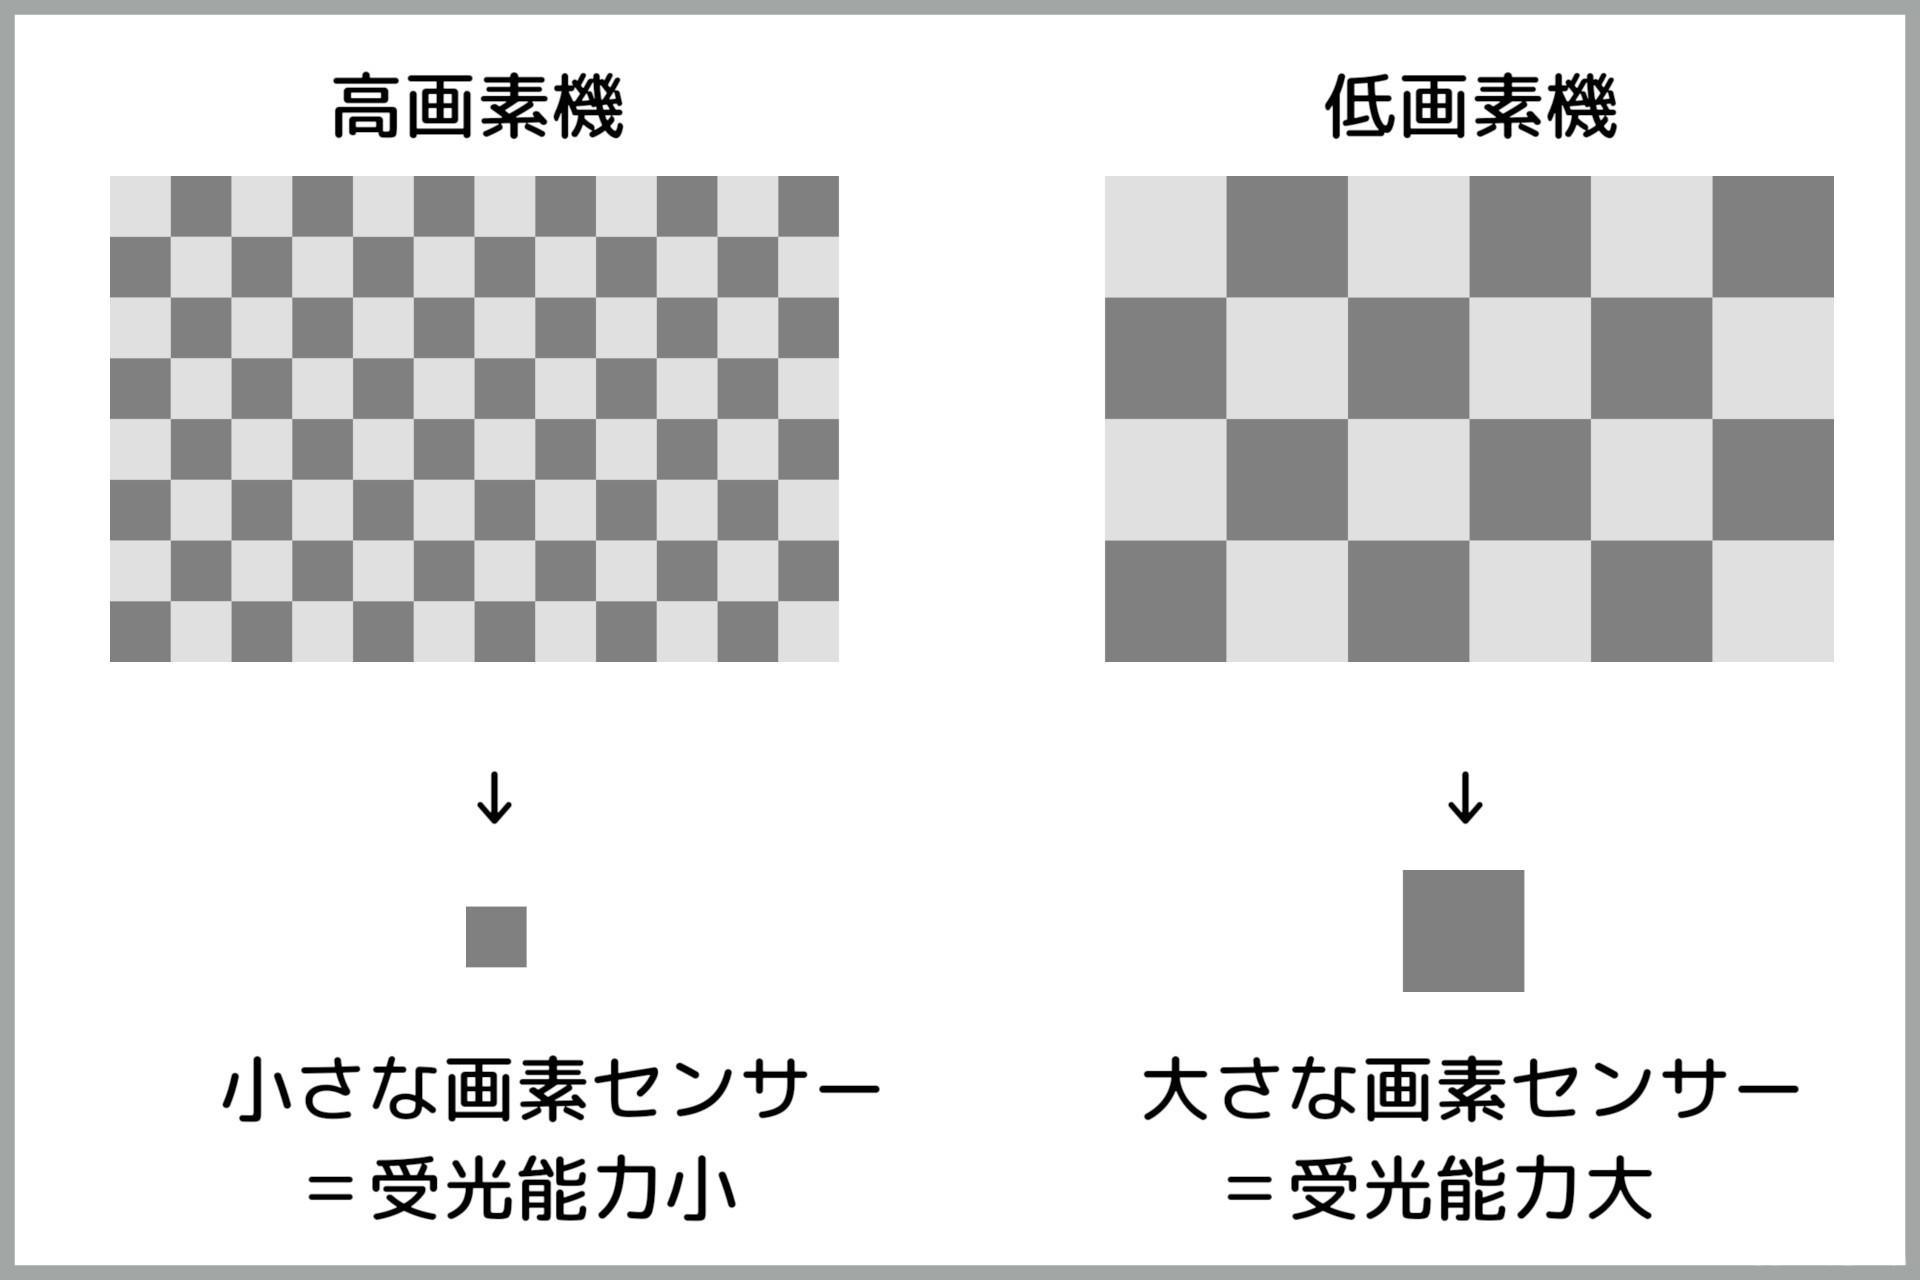 高画素なセンサー(左)と低画素なセンサー(右)